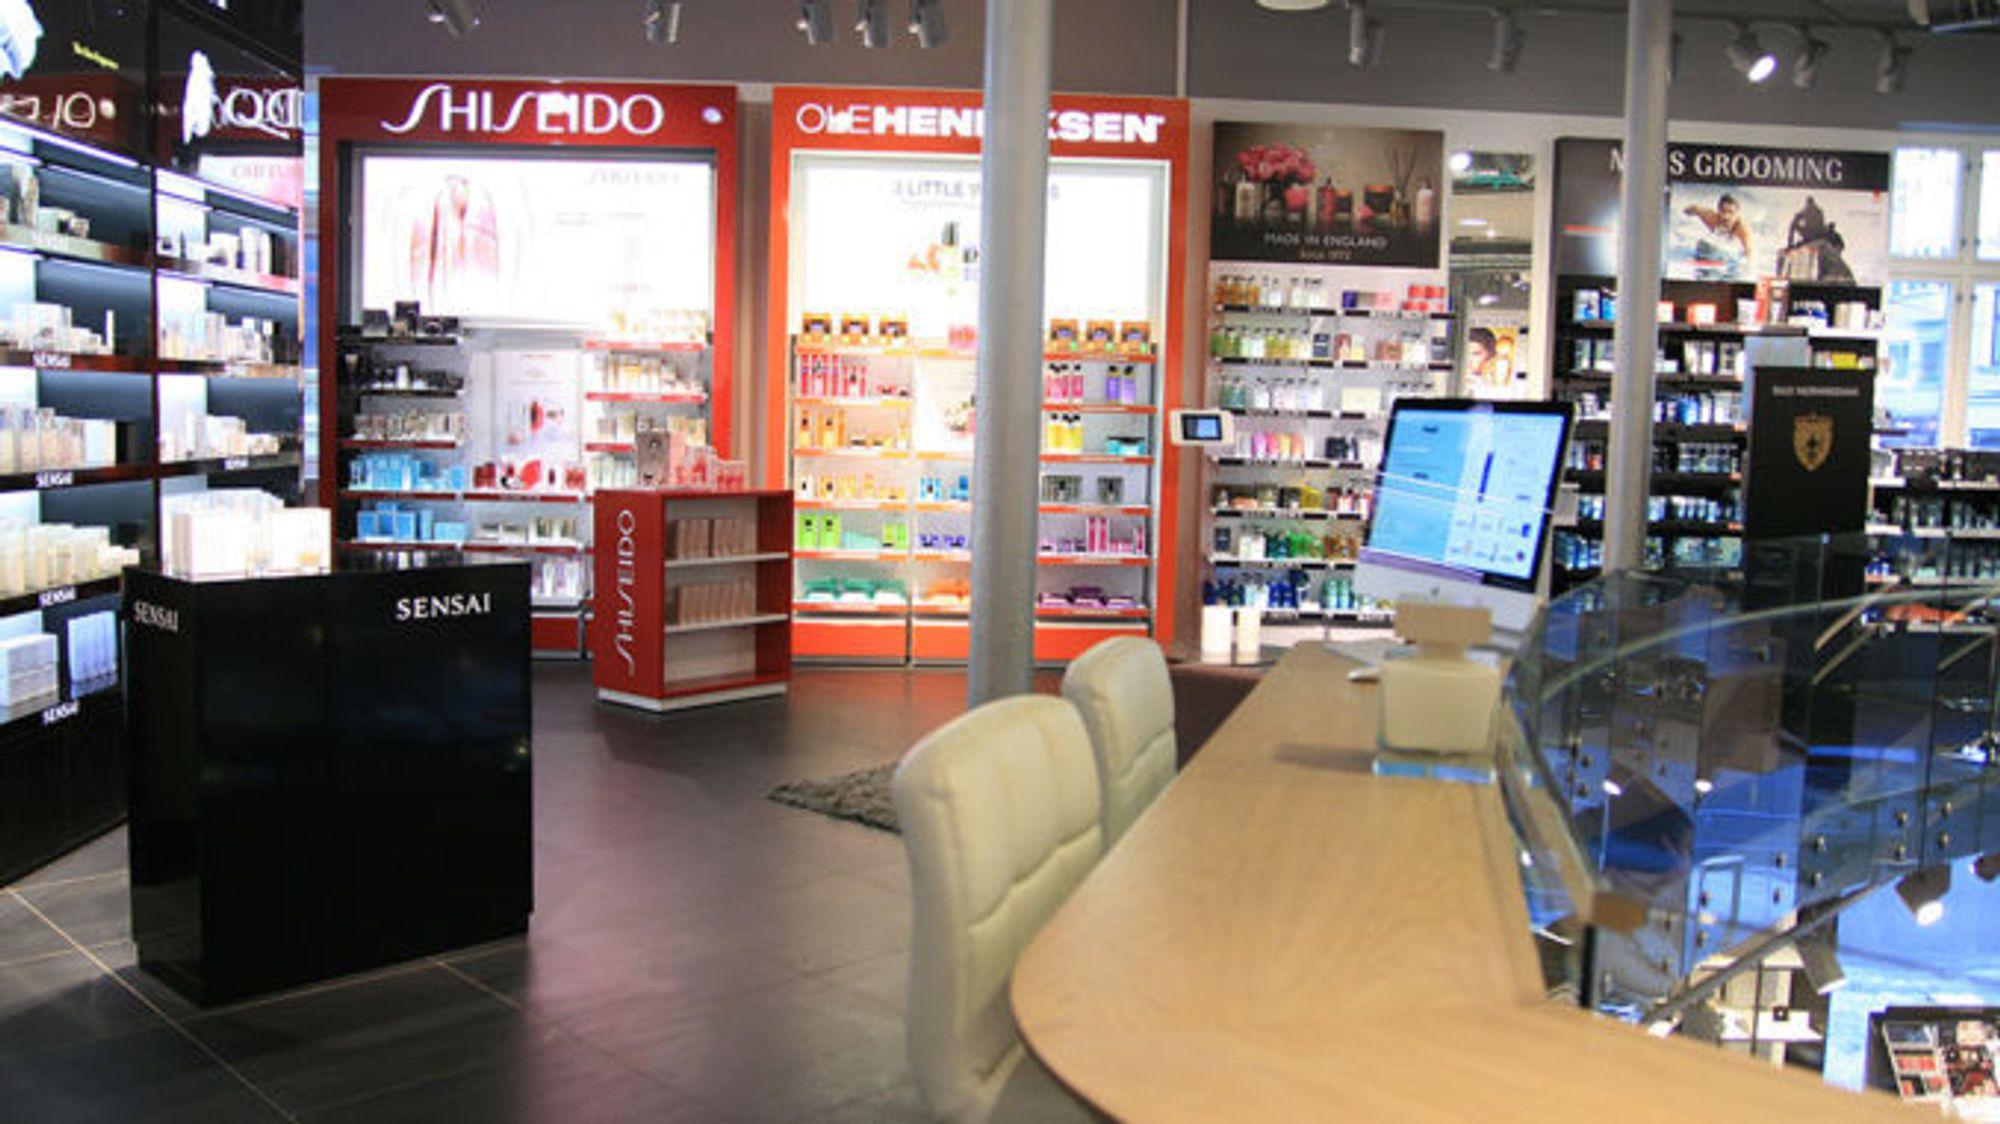 a8d6f293a50 1 av 3 butikkjeder i Norge mangler nettbutikk - Ehandel.com